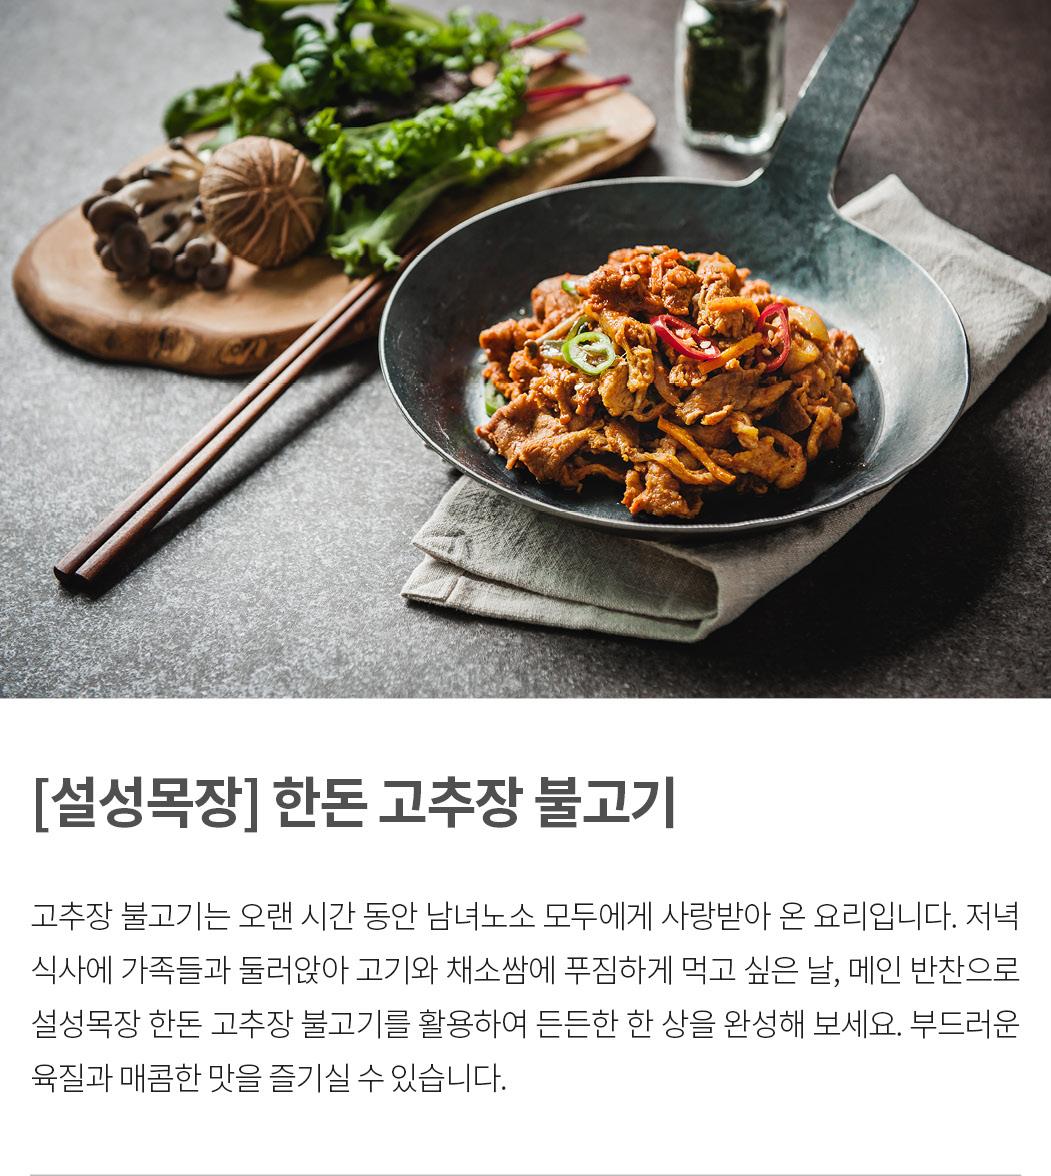 180201_한돈-고추장-불고기-상세페이지_01.jpg